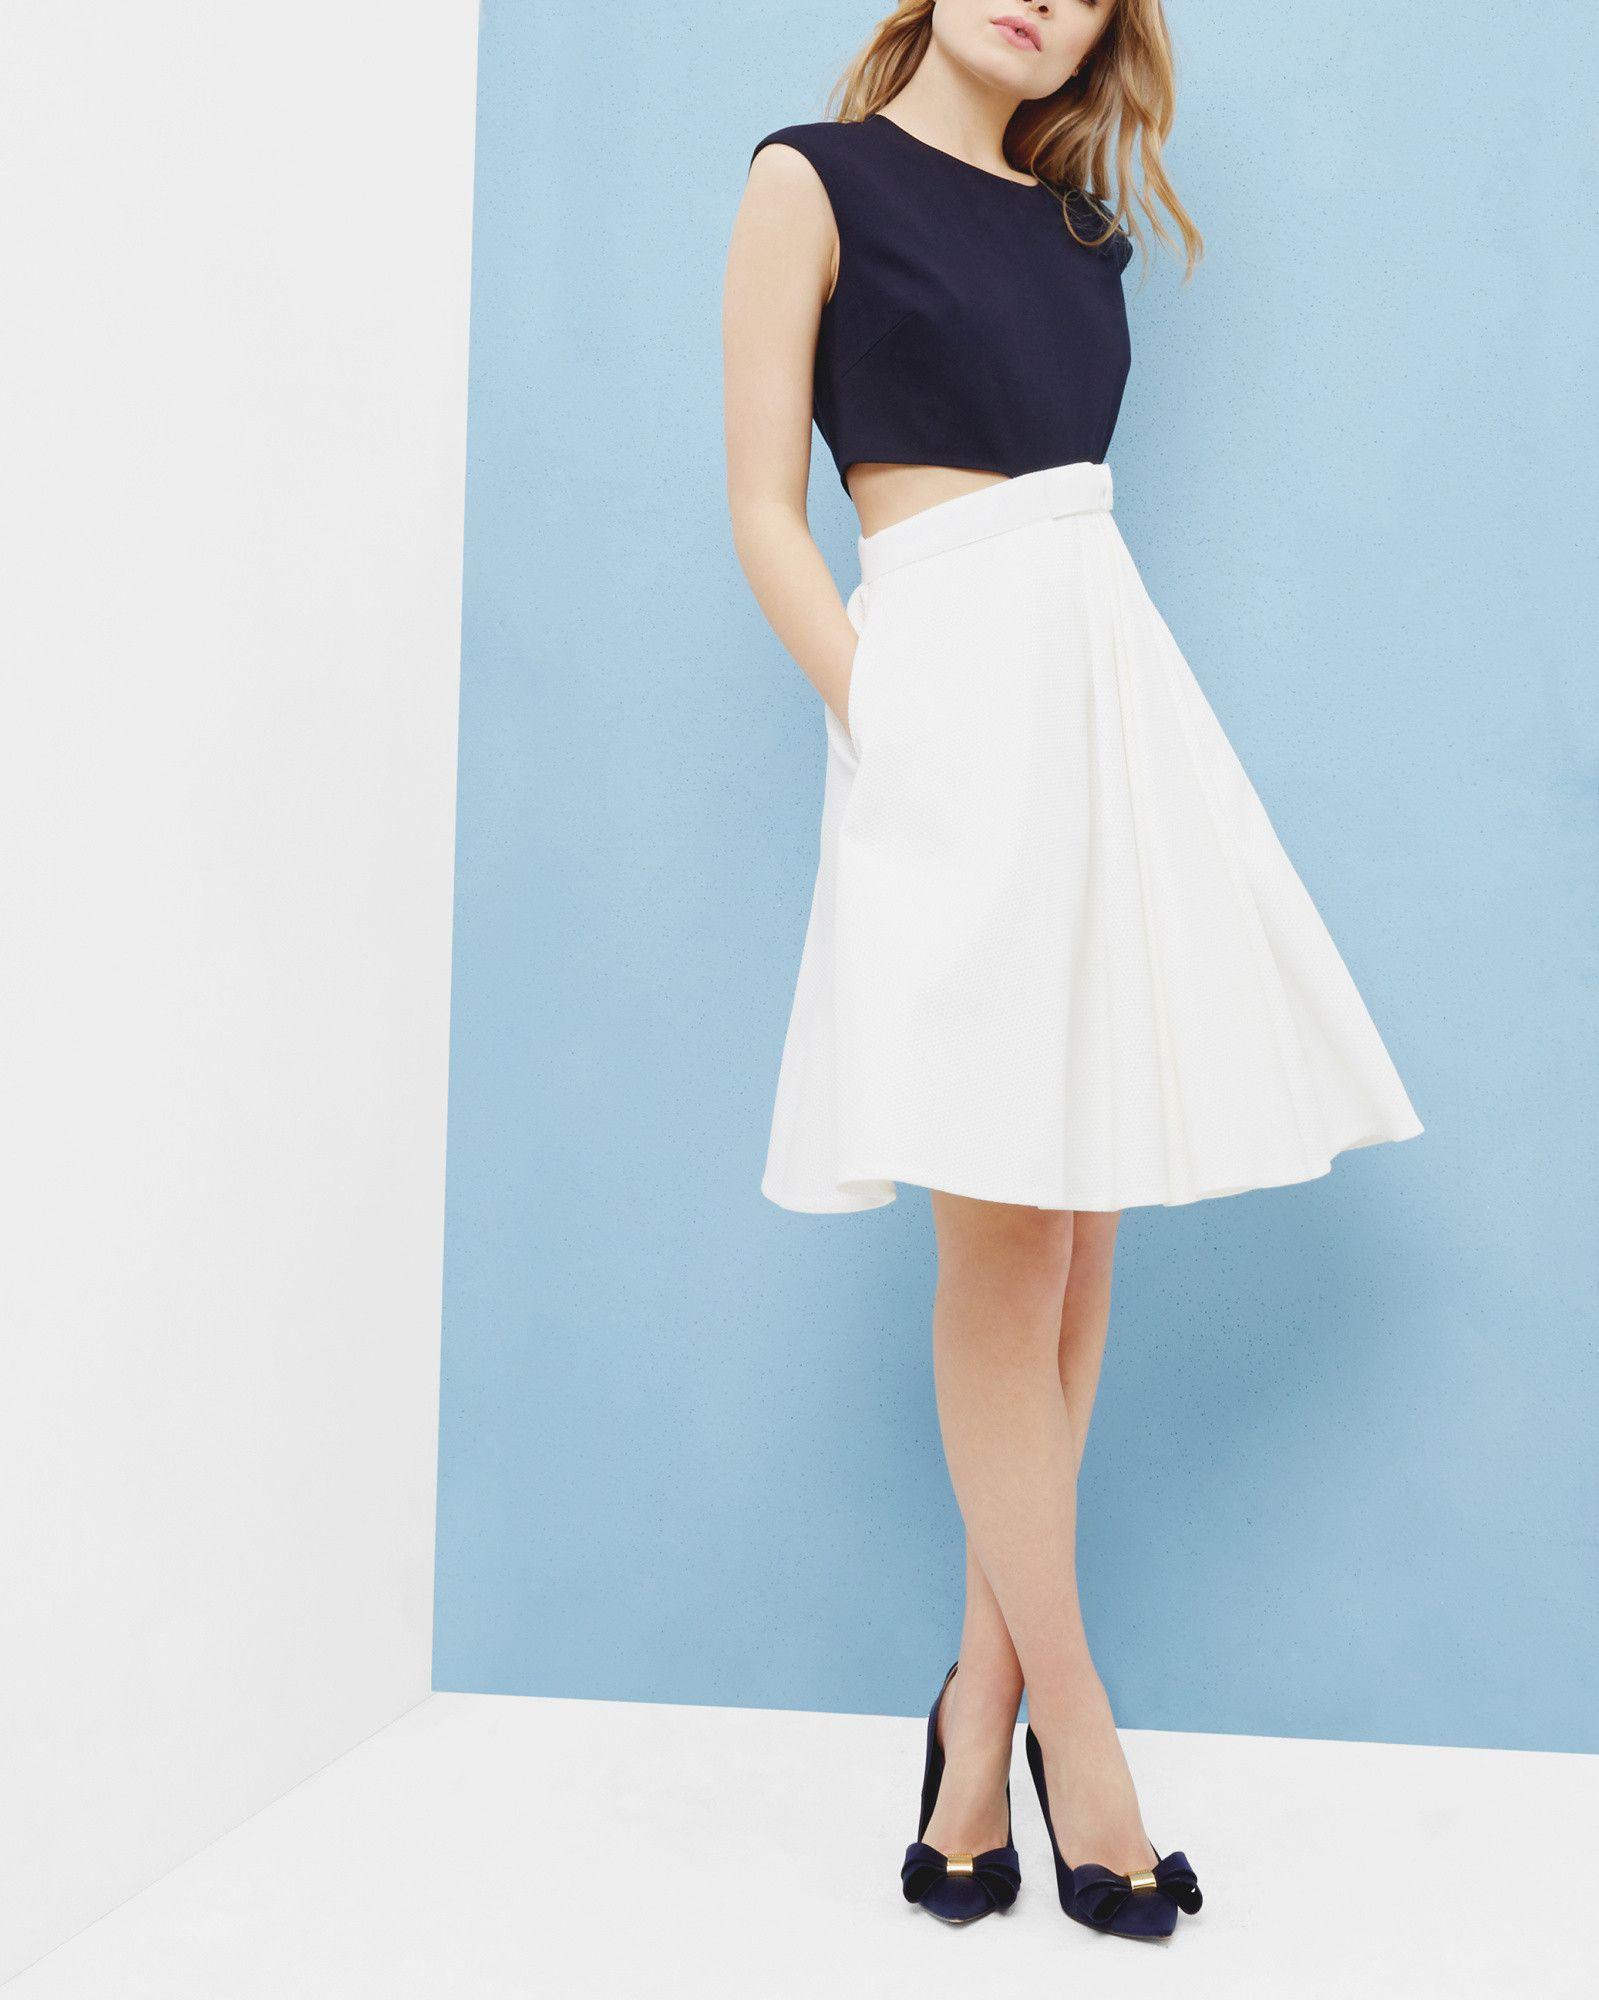 Bow detail cut-out dress - Navy | Dresses | Ted Baker UK | Envies de ...